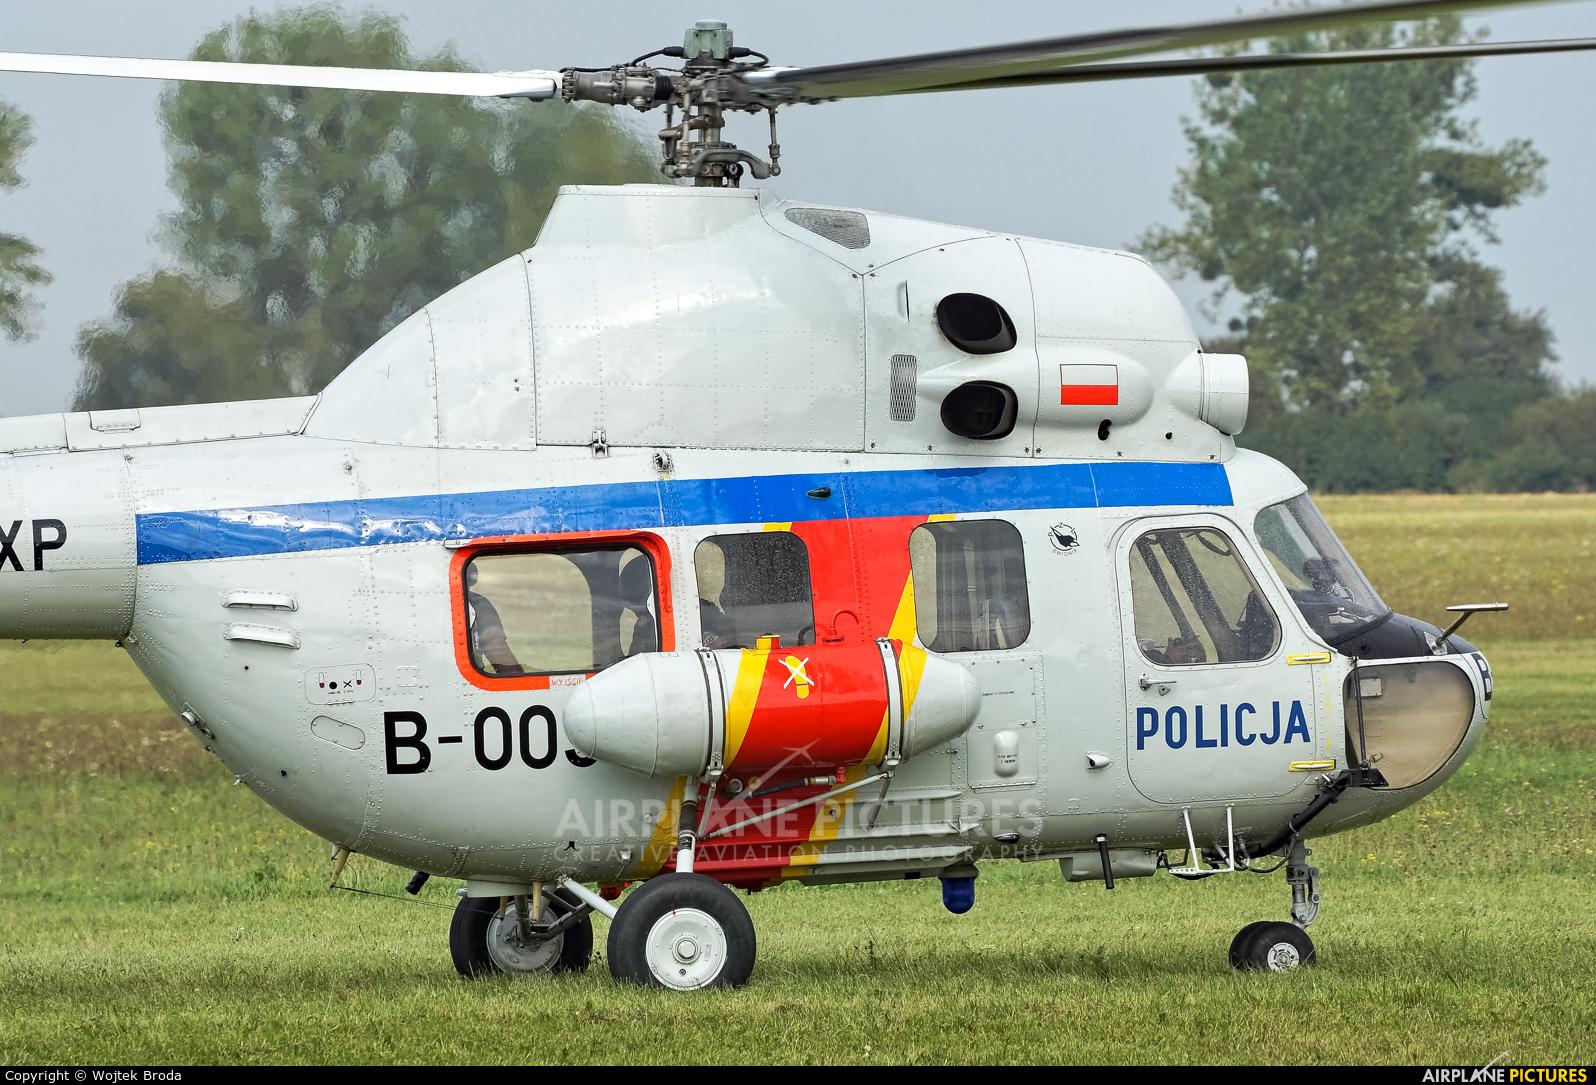 Poland - Police SN-02XP aircraft at Wrocław - Szymanów